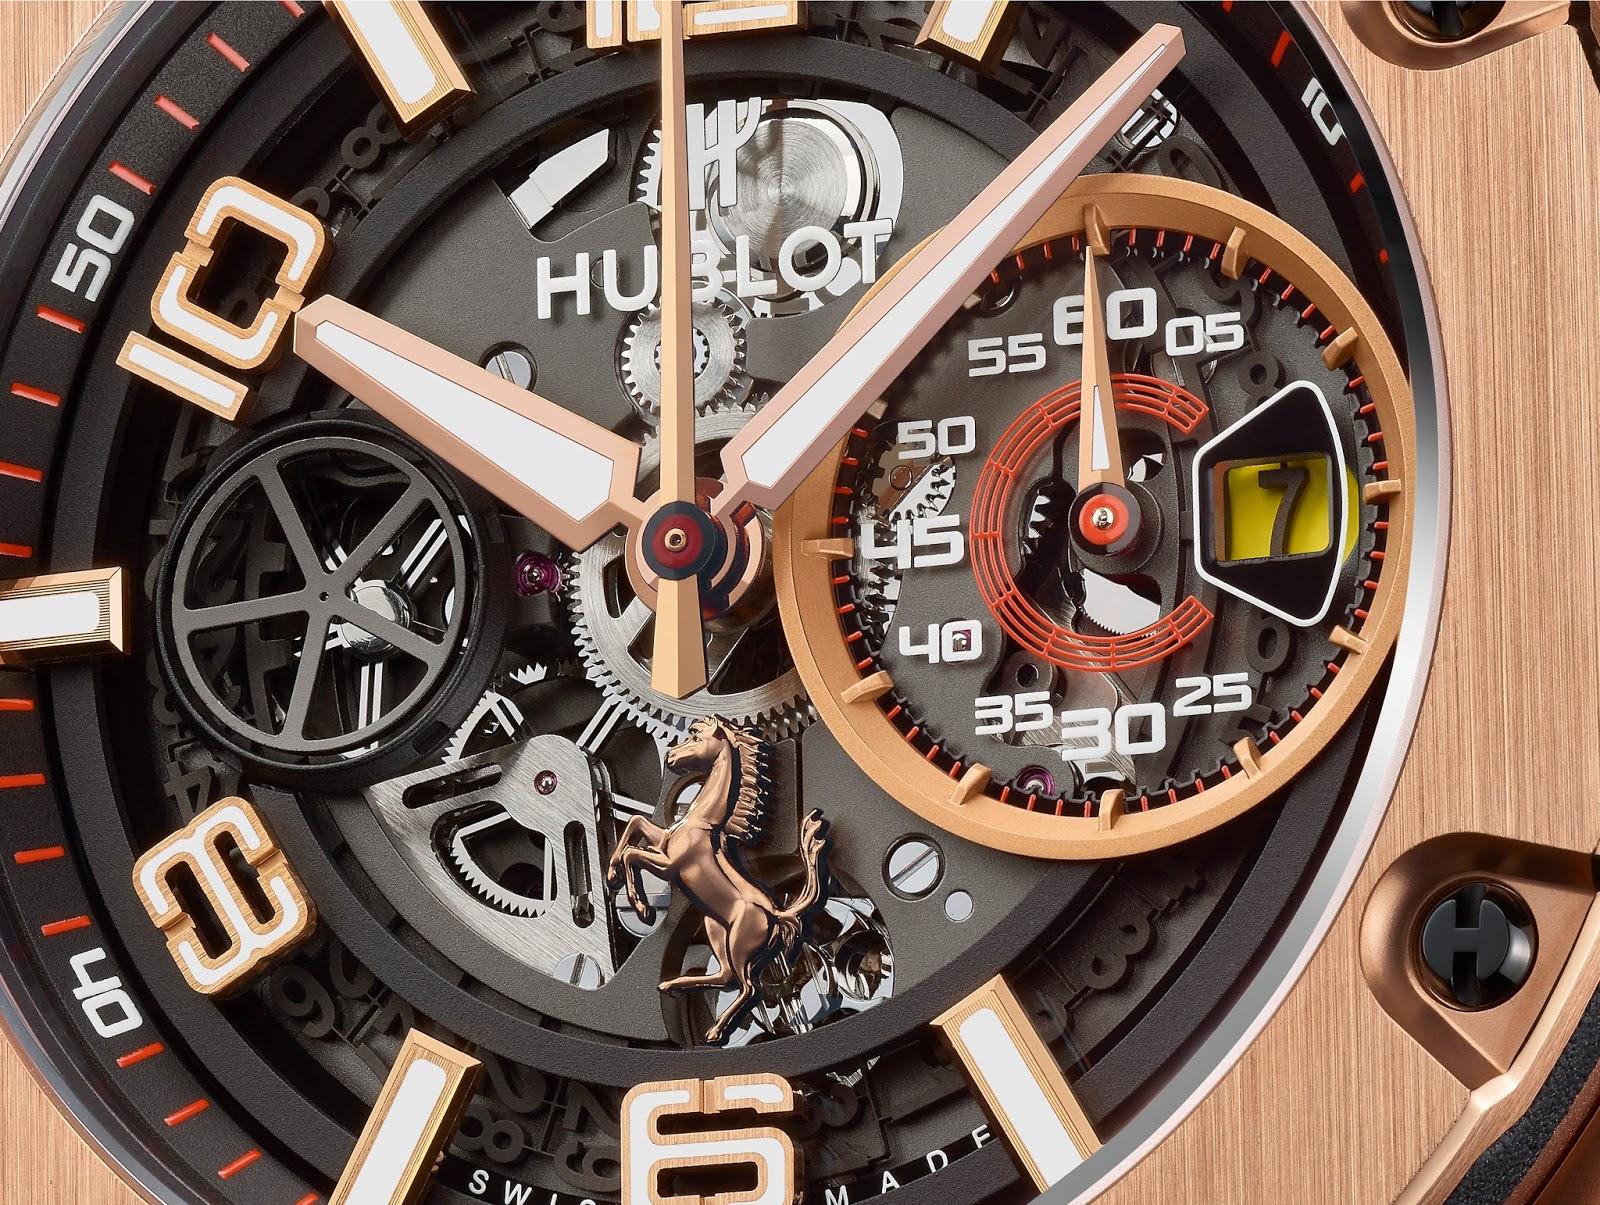 df941e9bc58 Estação Cronográfica  Chegado ao mercado - relógio Hublot Big Bang ...